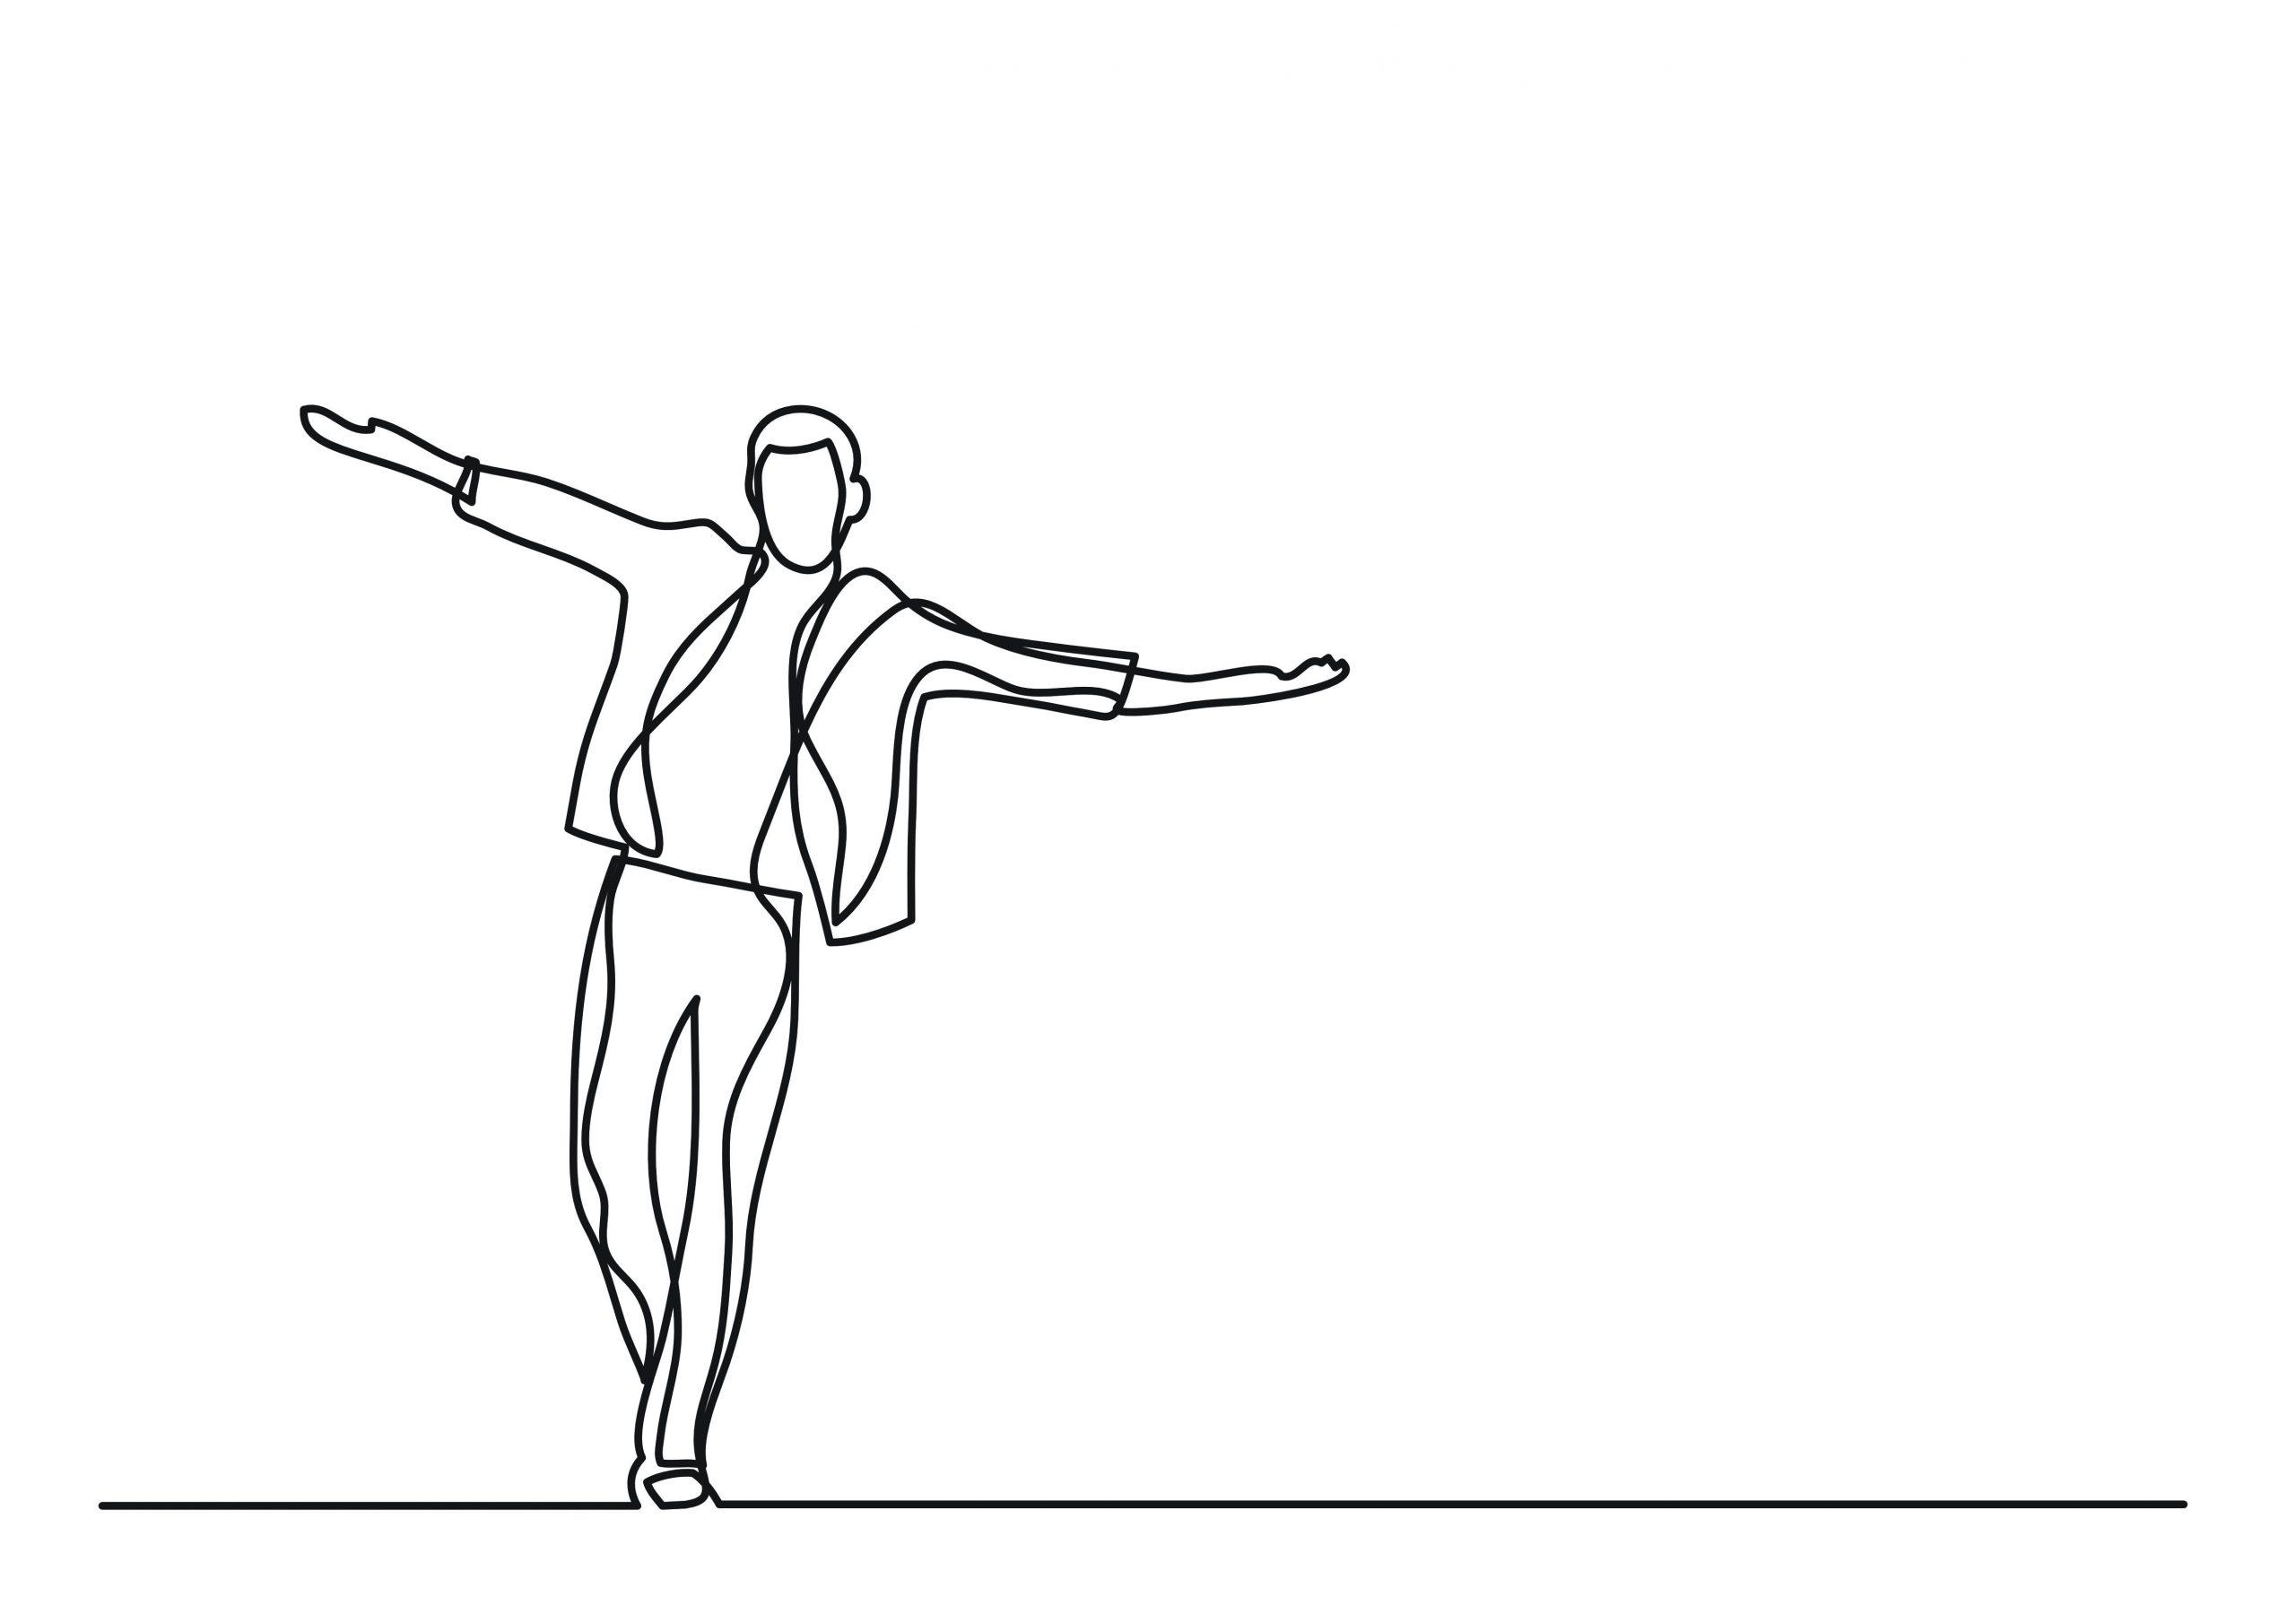 Line Drawing of Man Balancing while walking